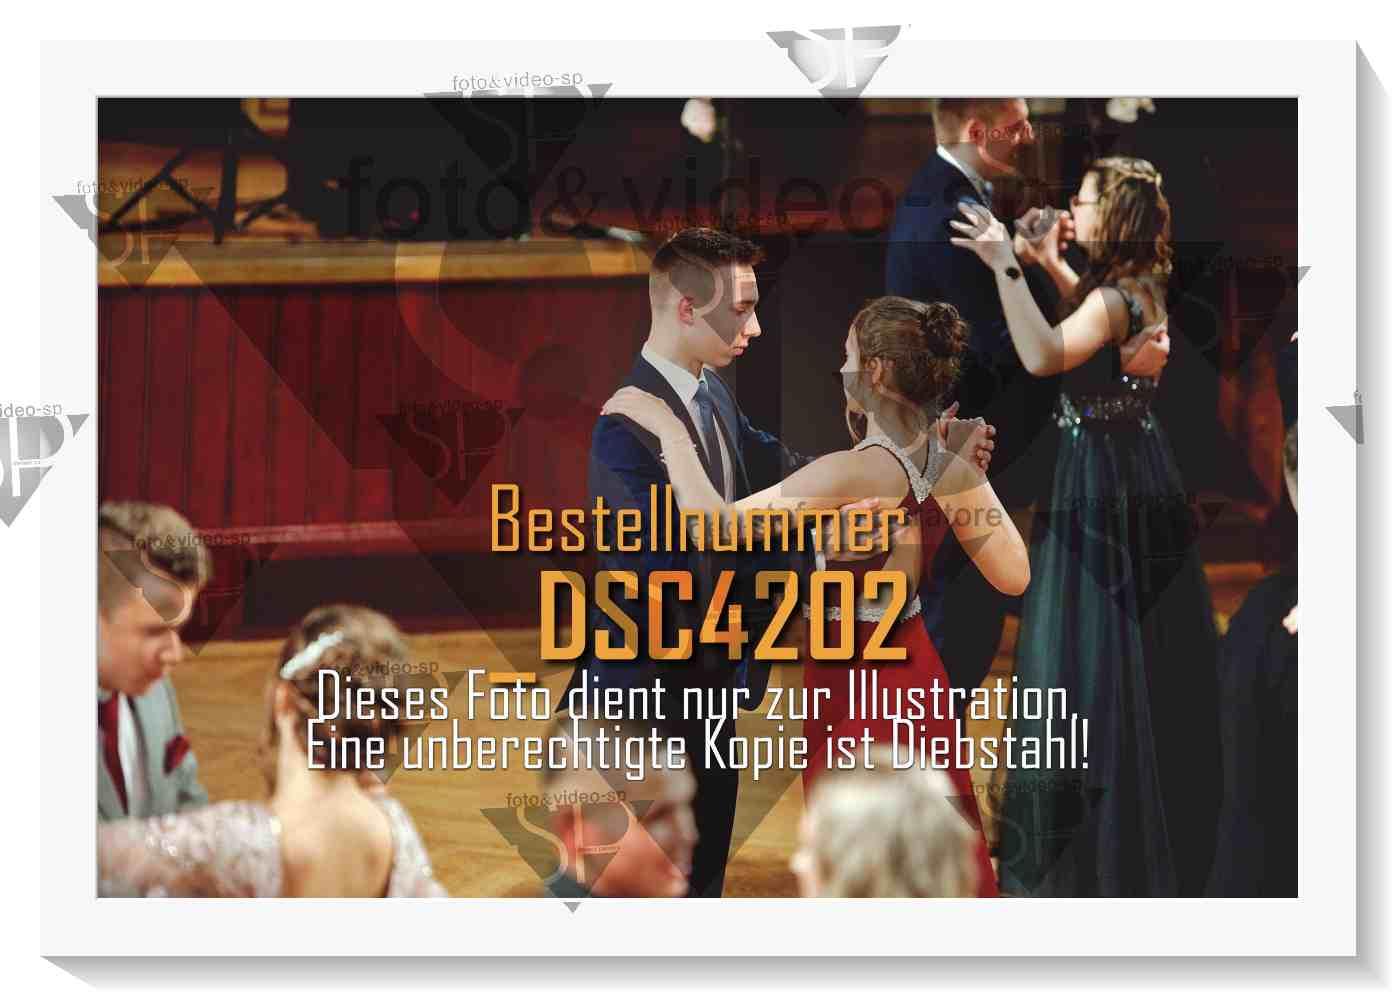 DSC4202